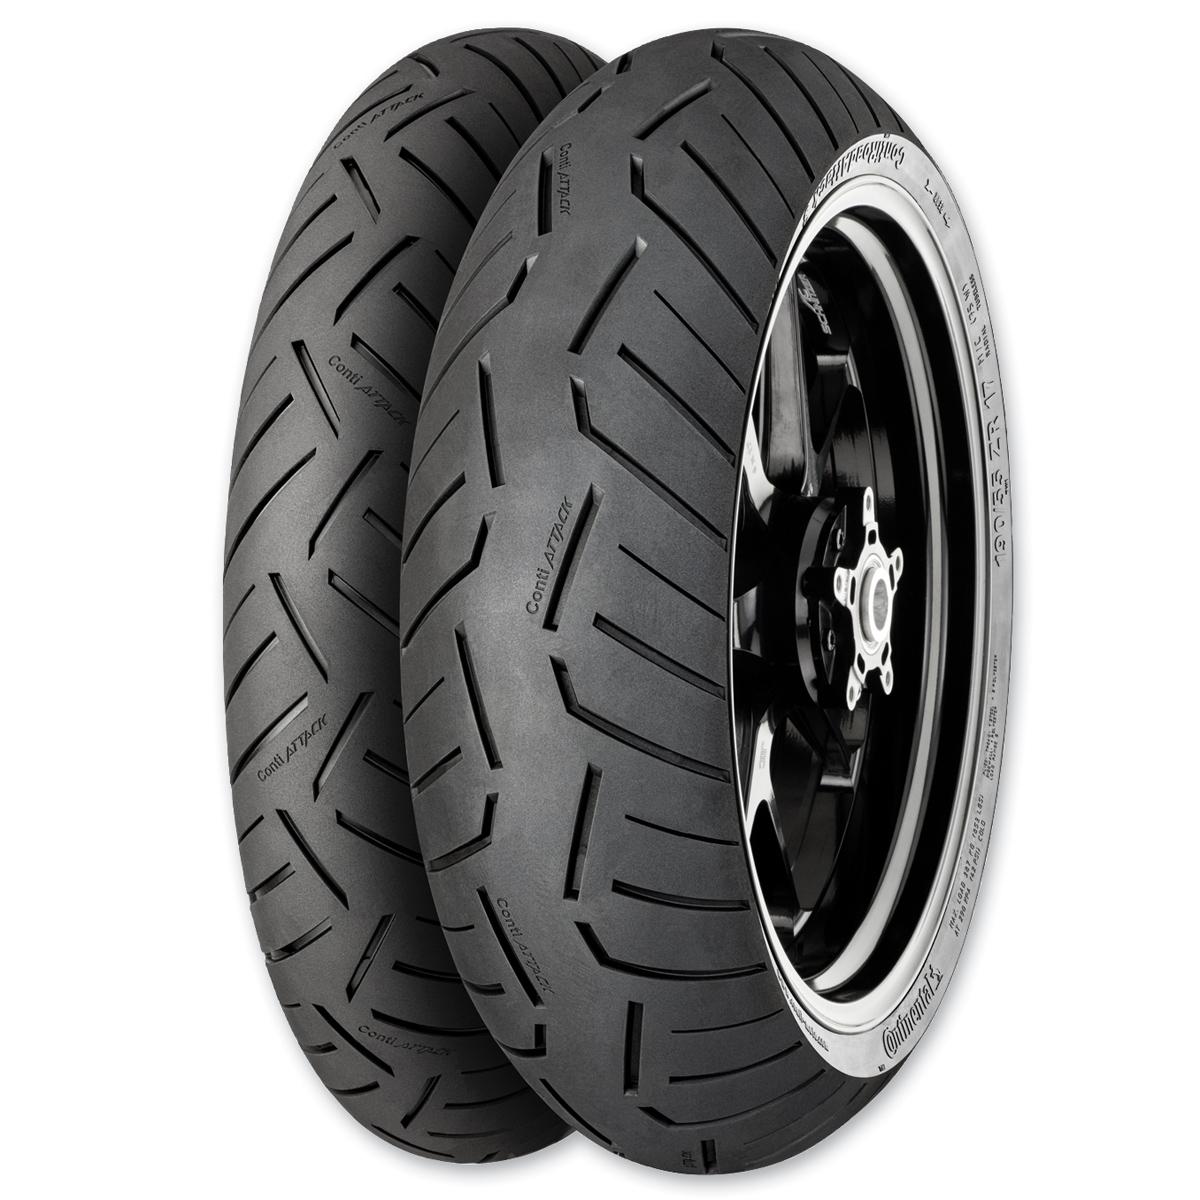 Continental Road Attack 3 190/55ZR17 Rear Tire